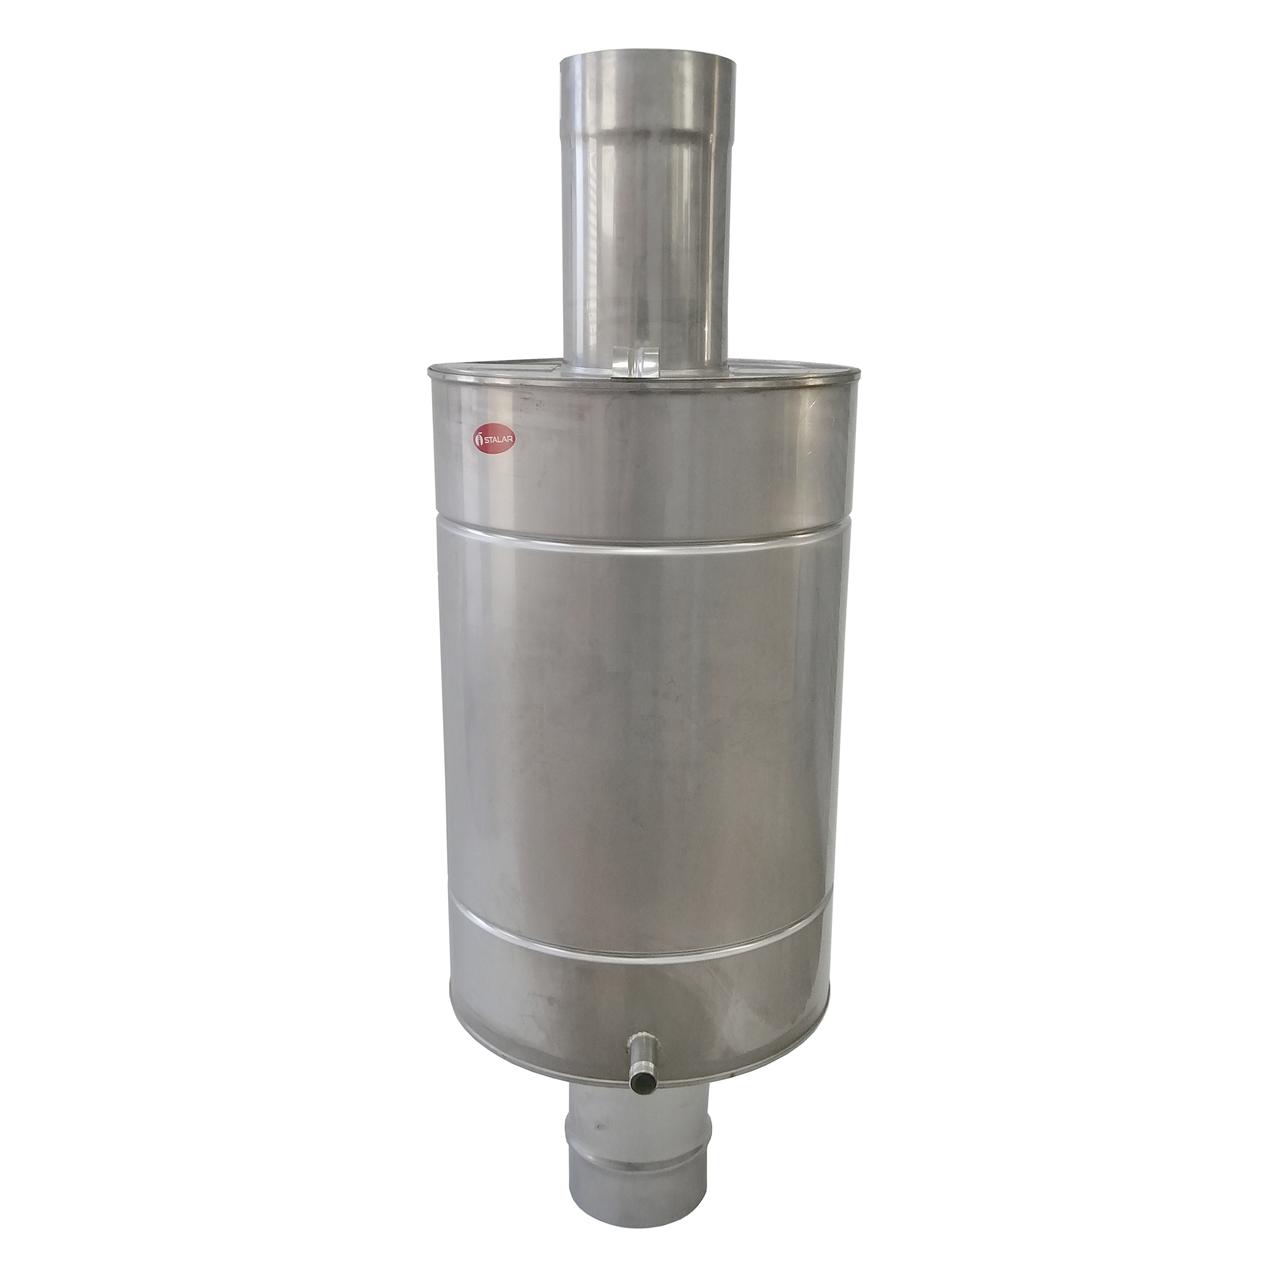 Труба-бак ø140 мм 70 л 1 мм AISI 321/304 Stalar для нагріву води для димоходу сауни бані із нержавіючої сталі